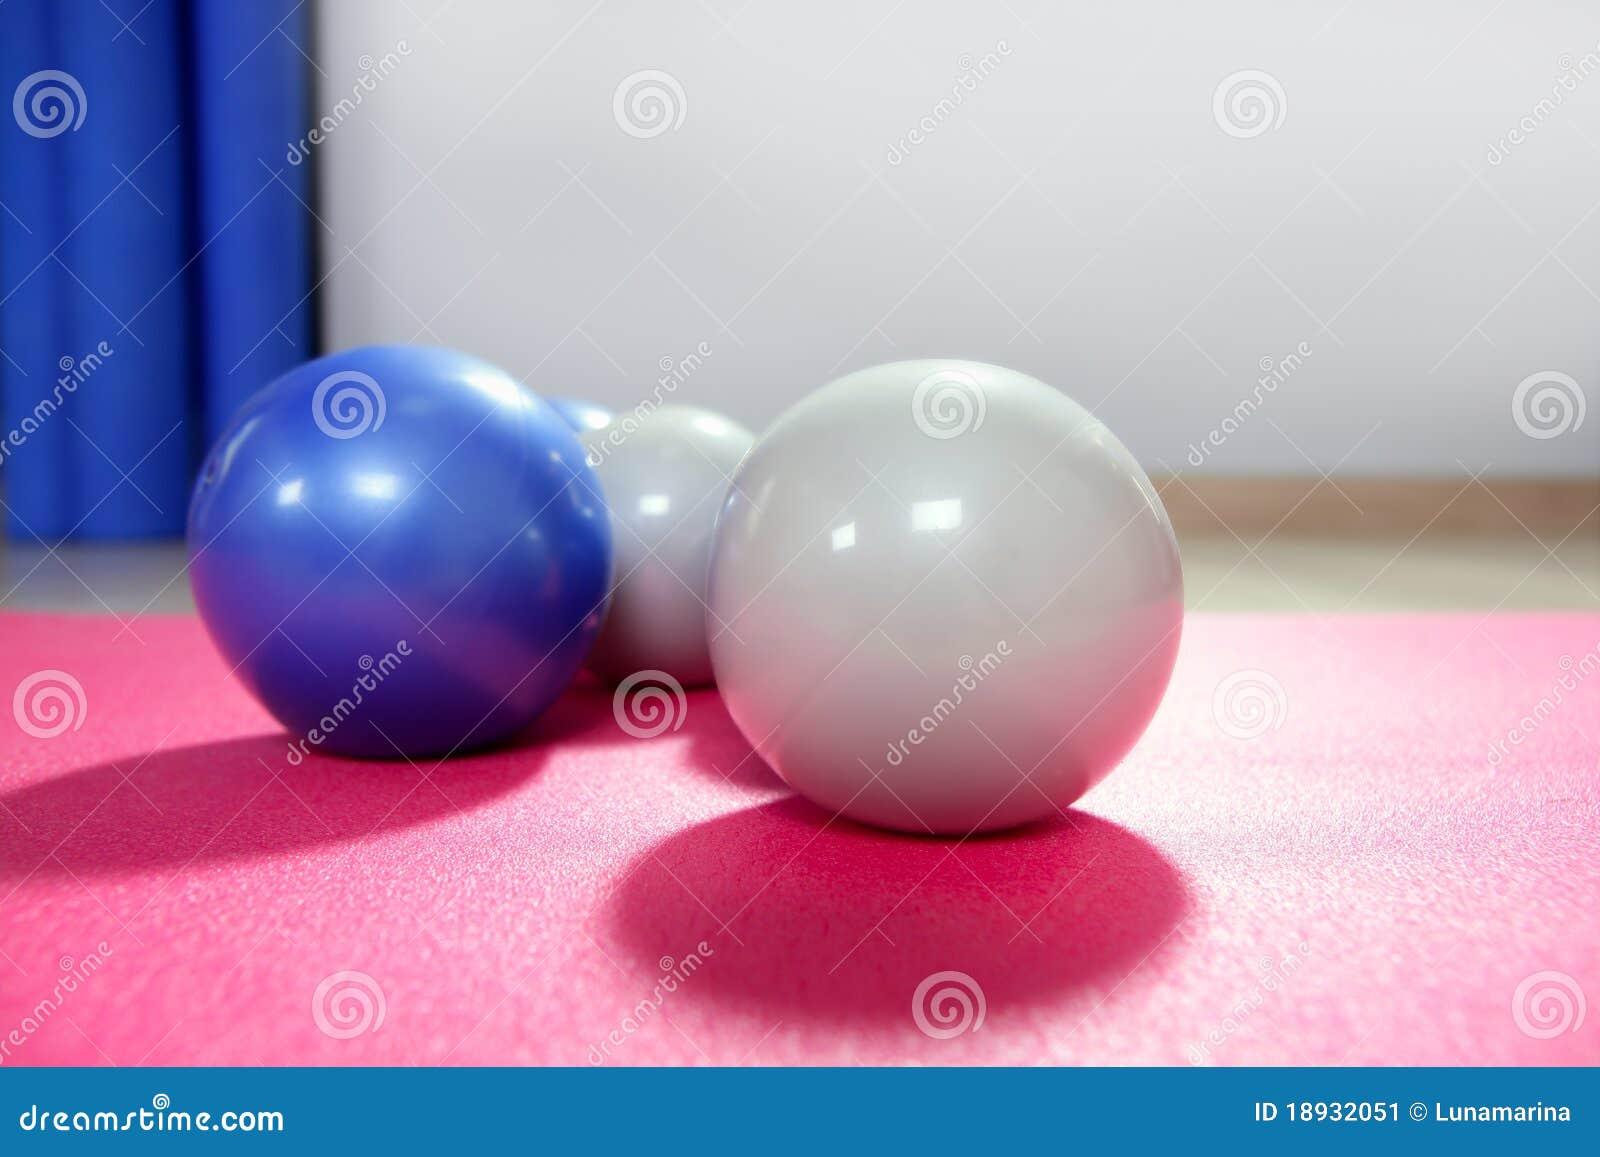 Yoga för toning för matta over pilates för bollar röd